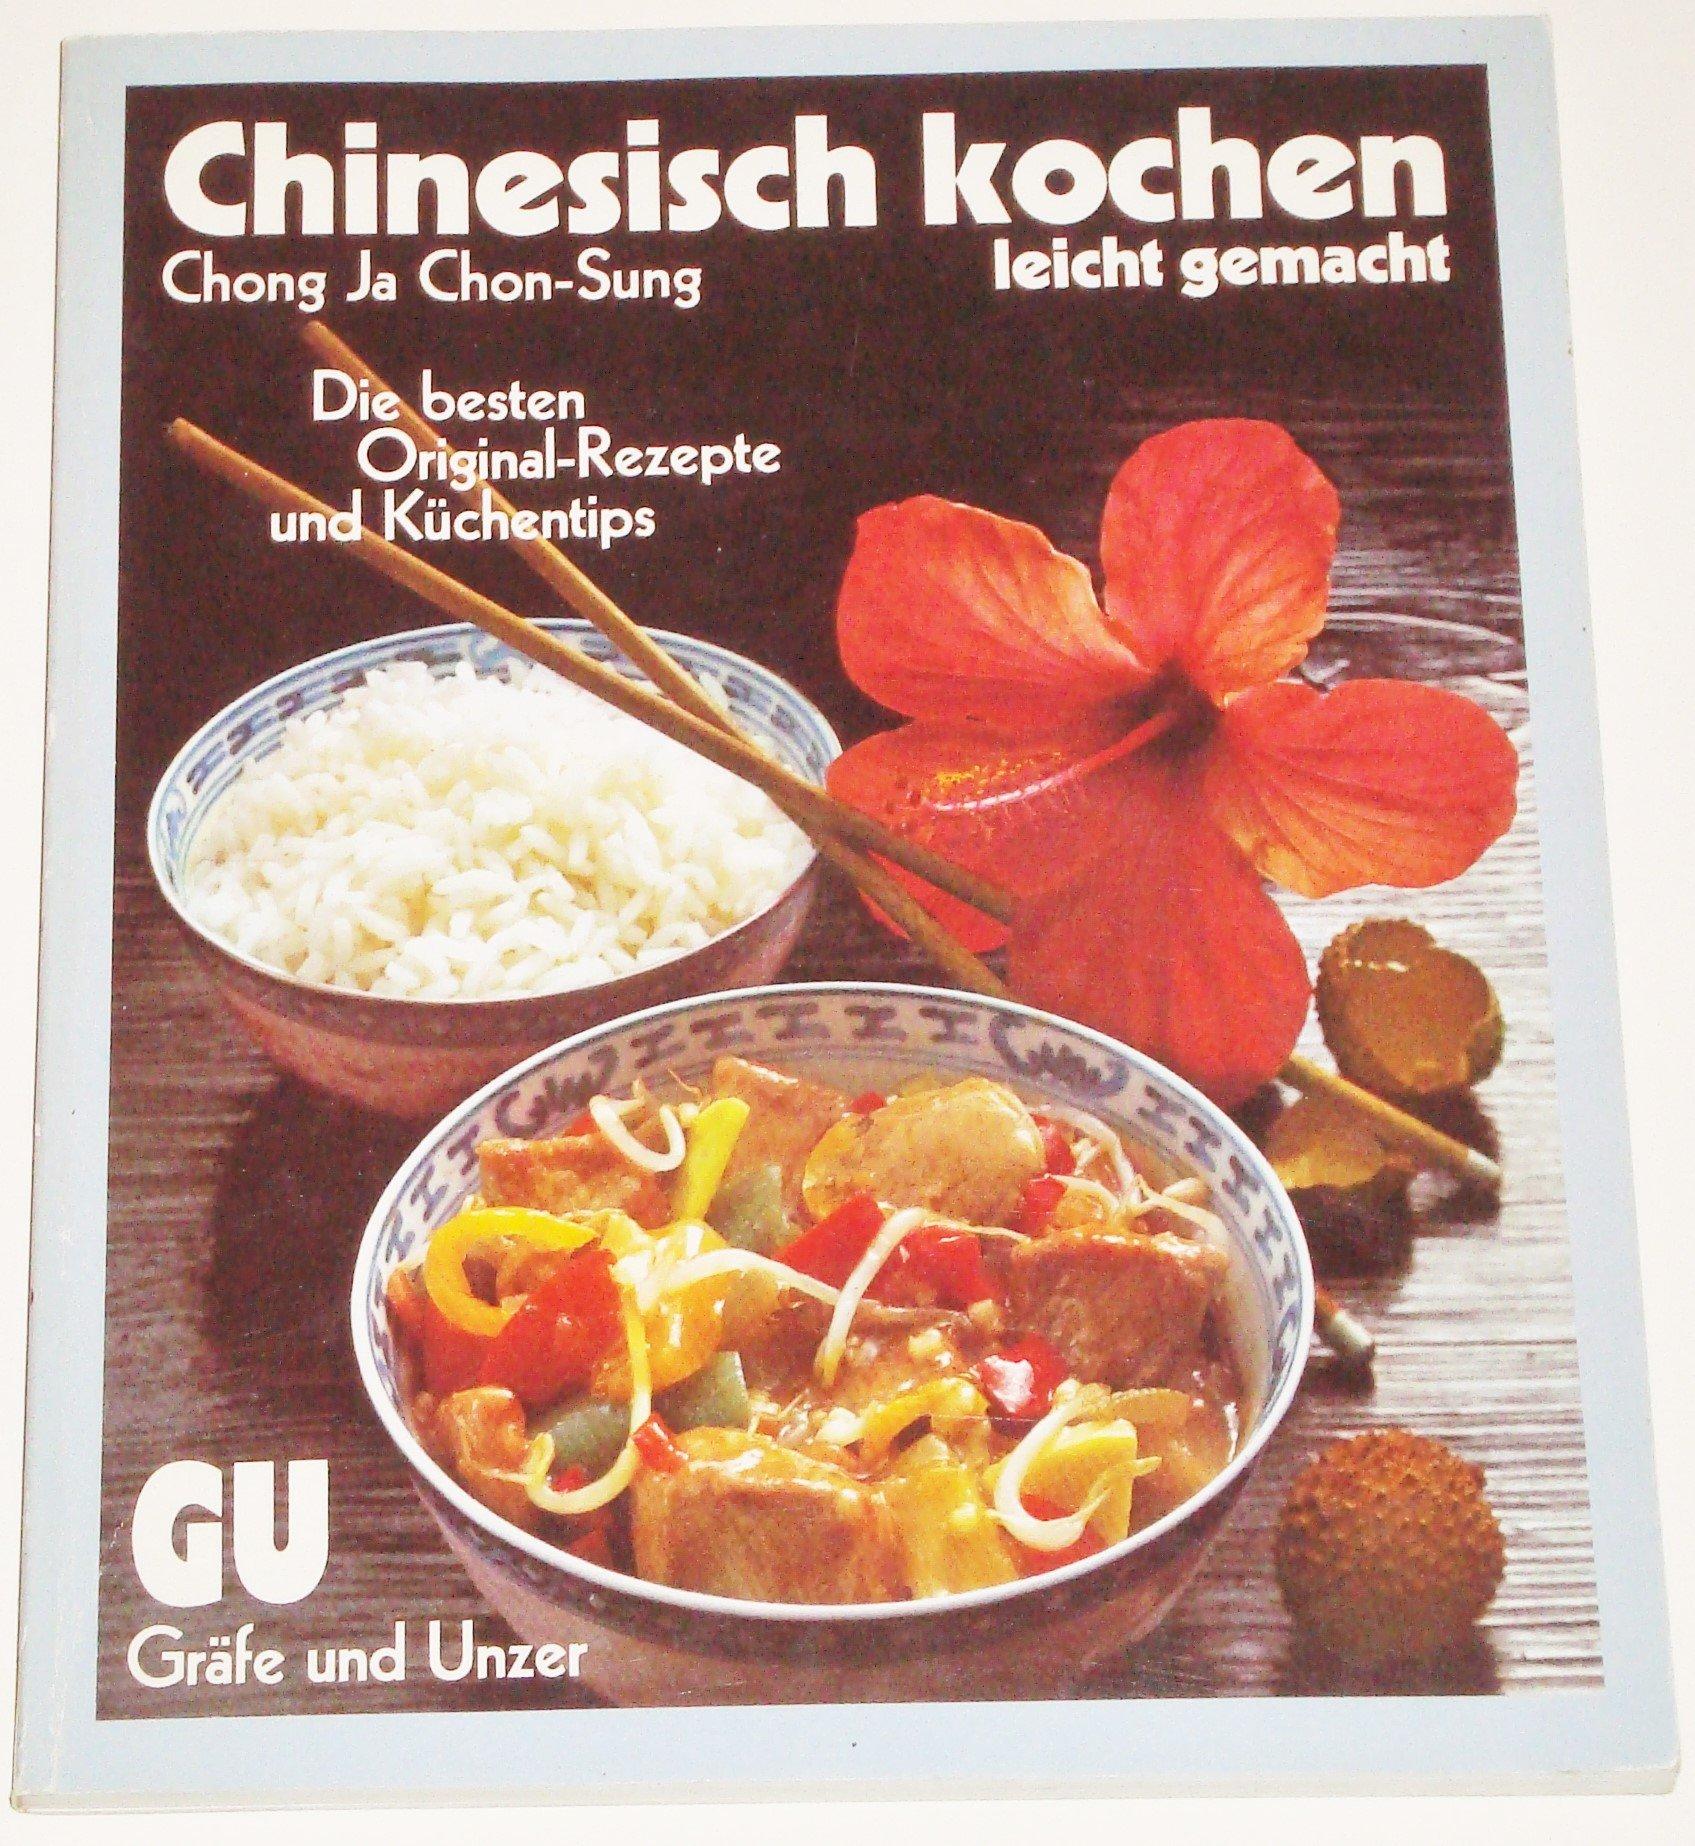 Chinesisch kochen - leicht gemacht.: Amazon.de: Chong Ja Chon-Sung ...